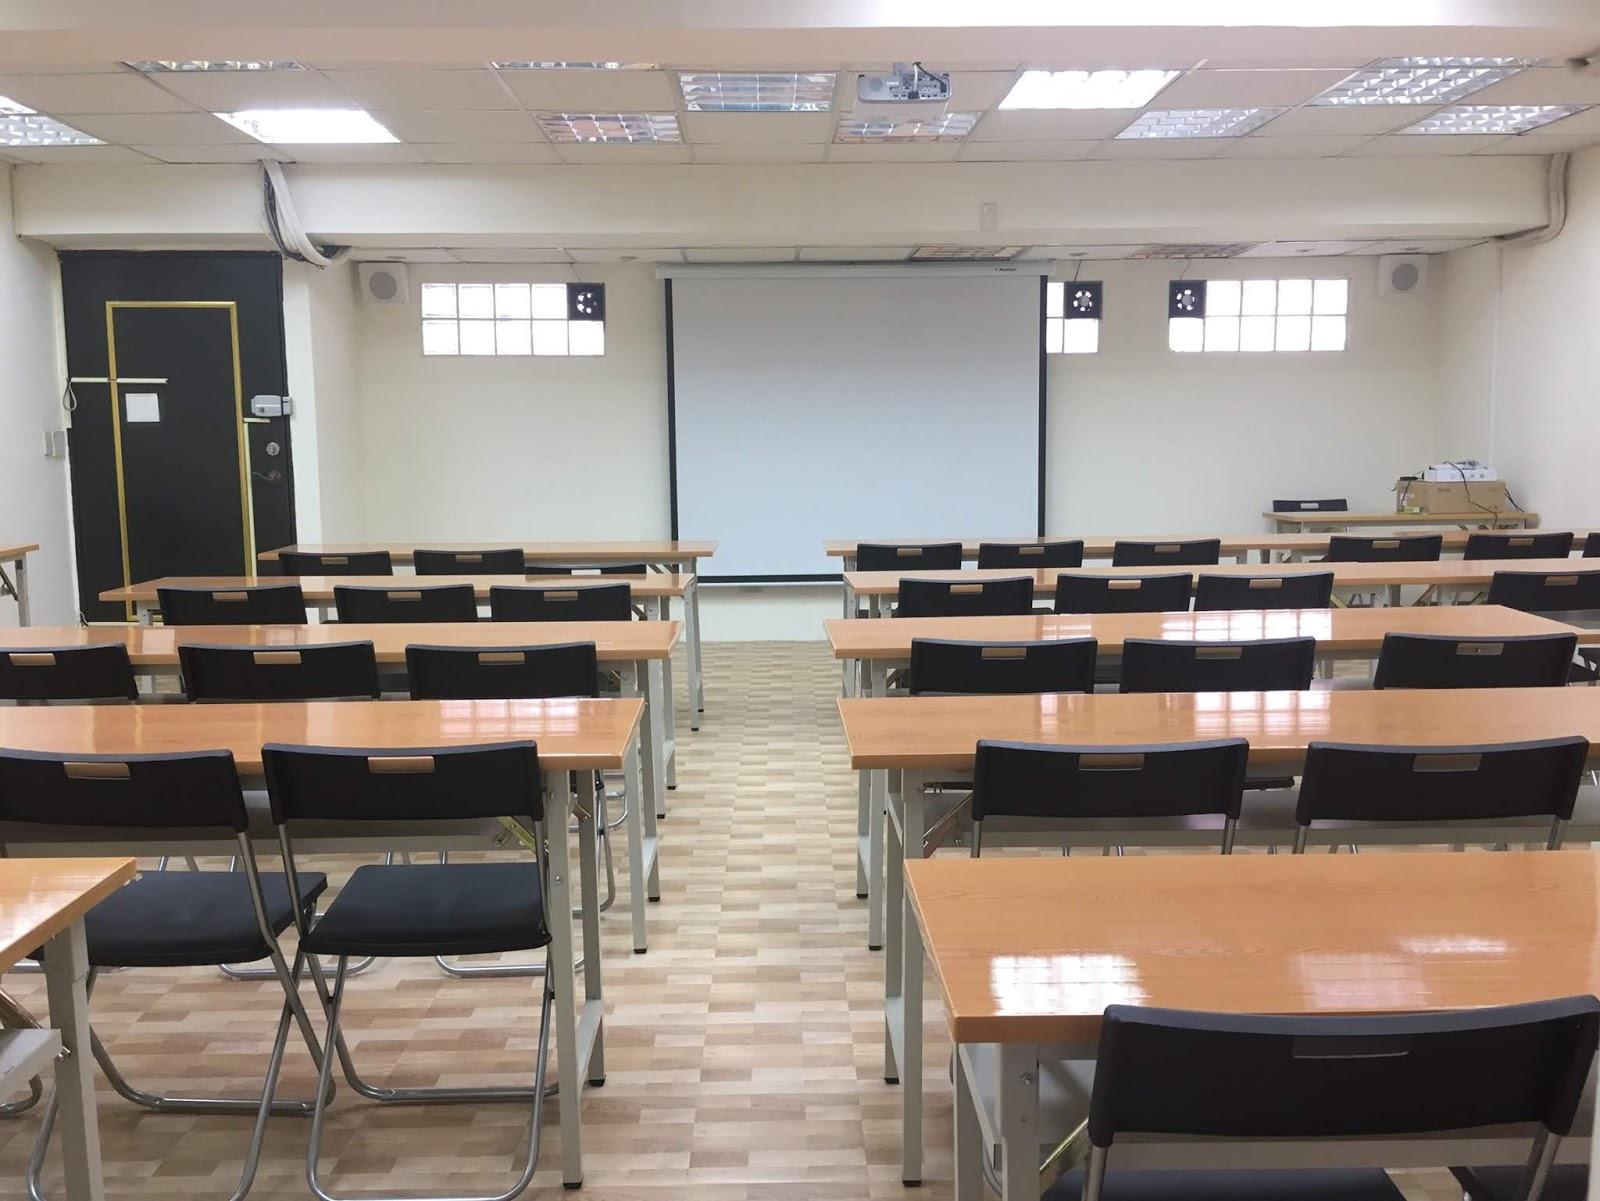 溫拿創富空間: 溫拿創富空間-臺北場地教室會議室租借